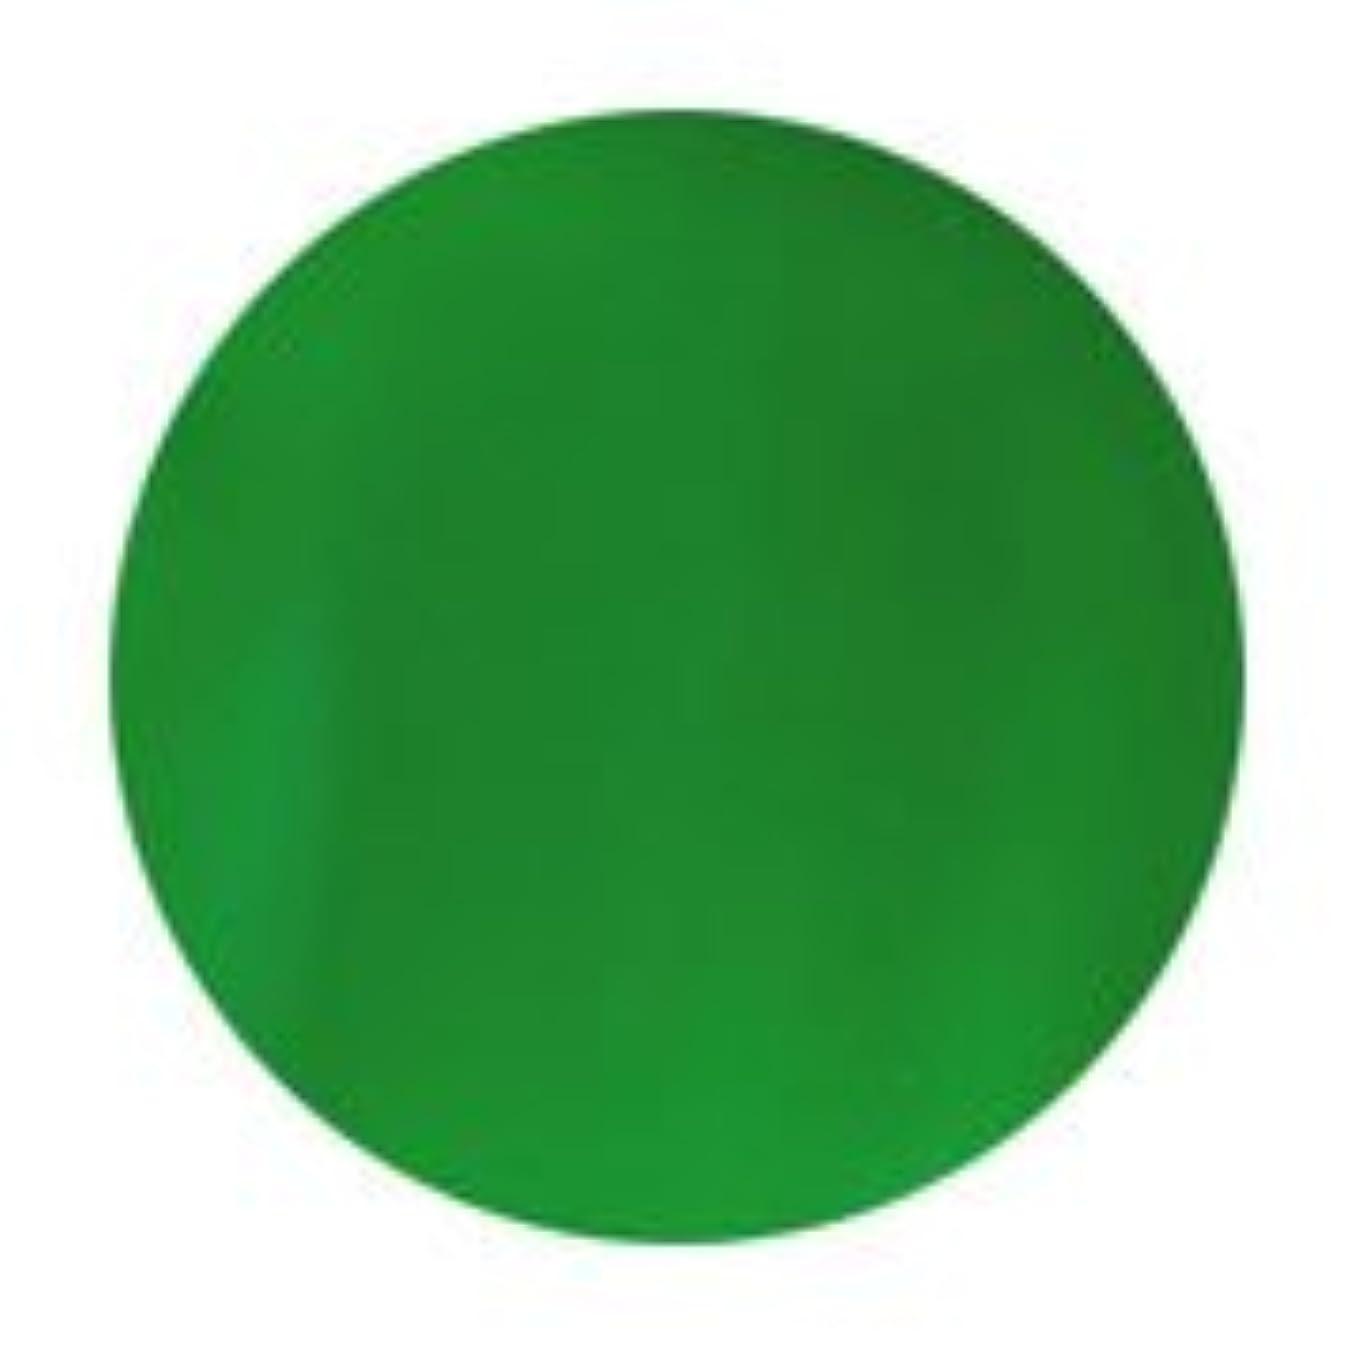 プレミアレジ繁殖Putiel(プティール) カラージェル ポップ 3g<BR>P14 ネオングリーン